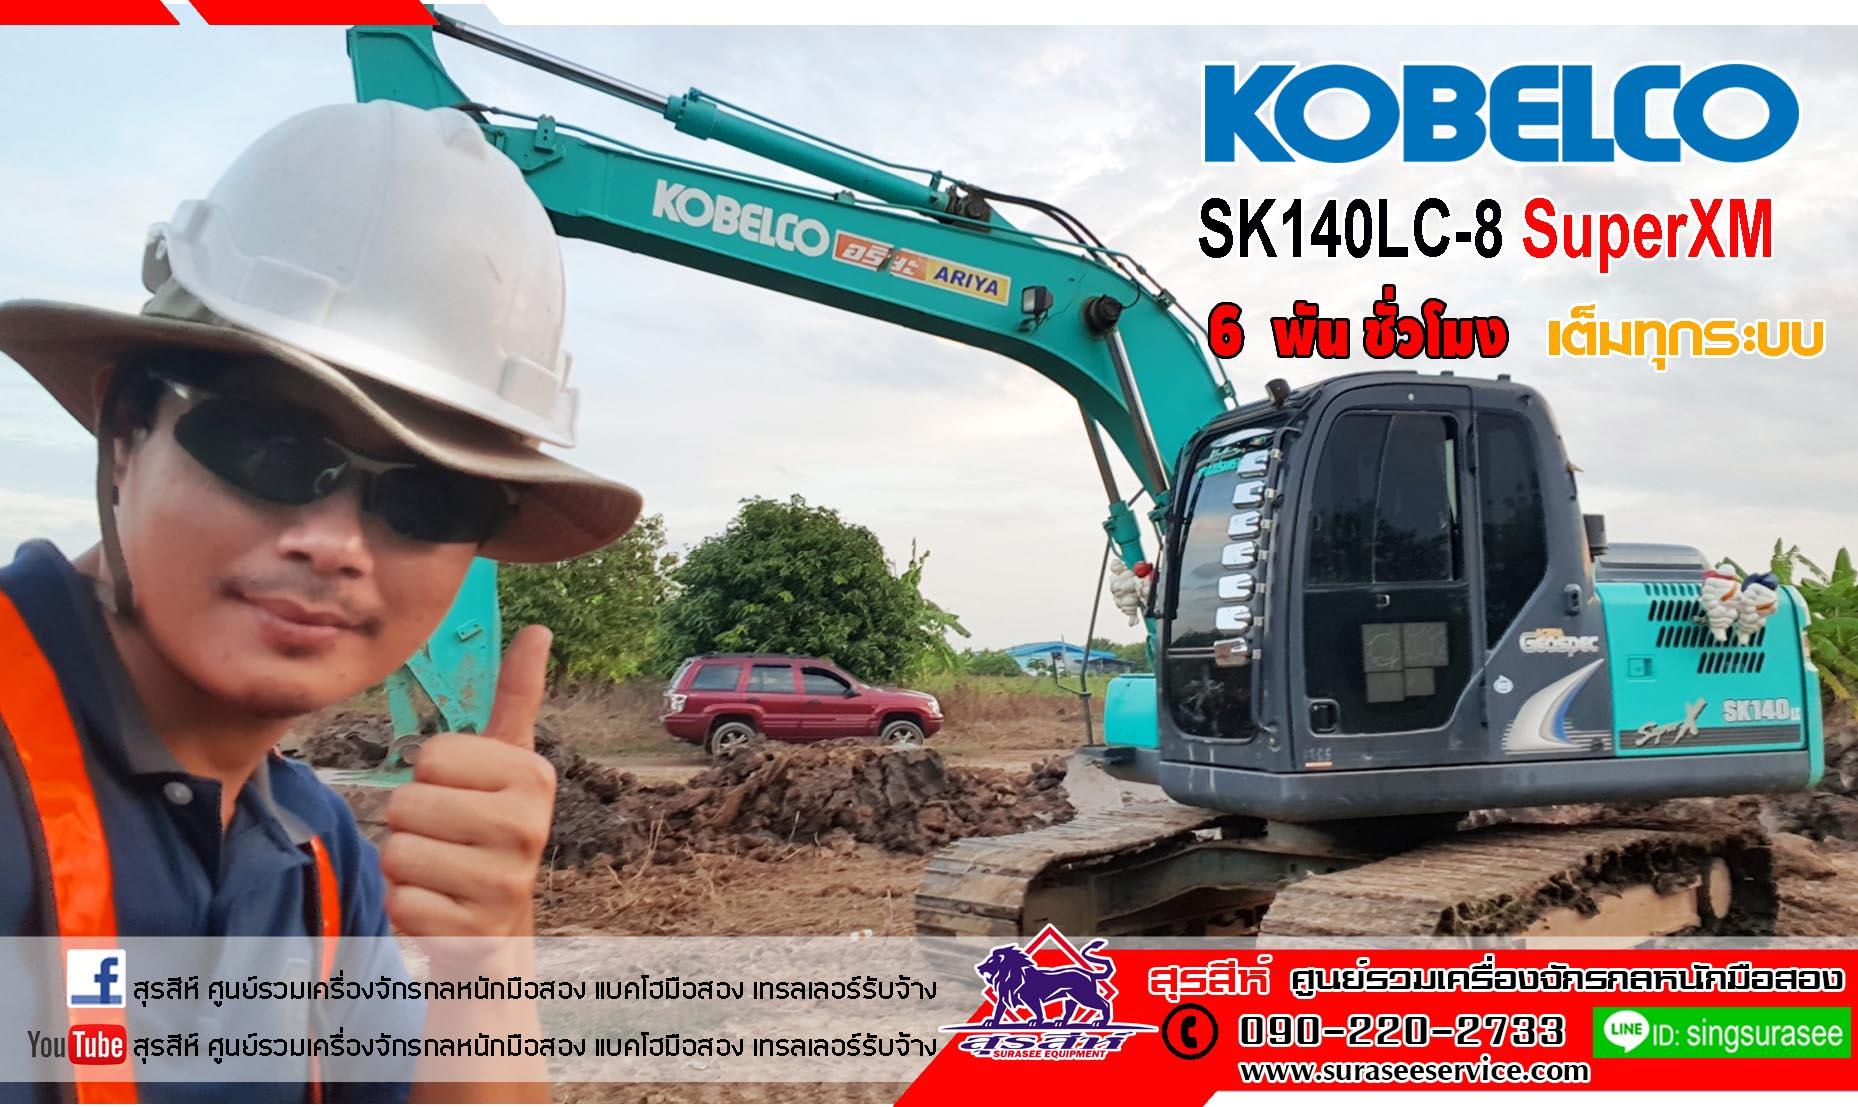 1.88 ล้าน 6พันชั่วโมง รถขุดมือสอง KOBELCO SK140LC-8 YP09 SuperX สภาพนางฟ้า